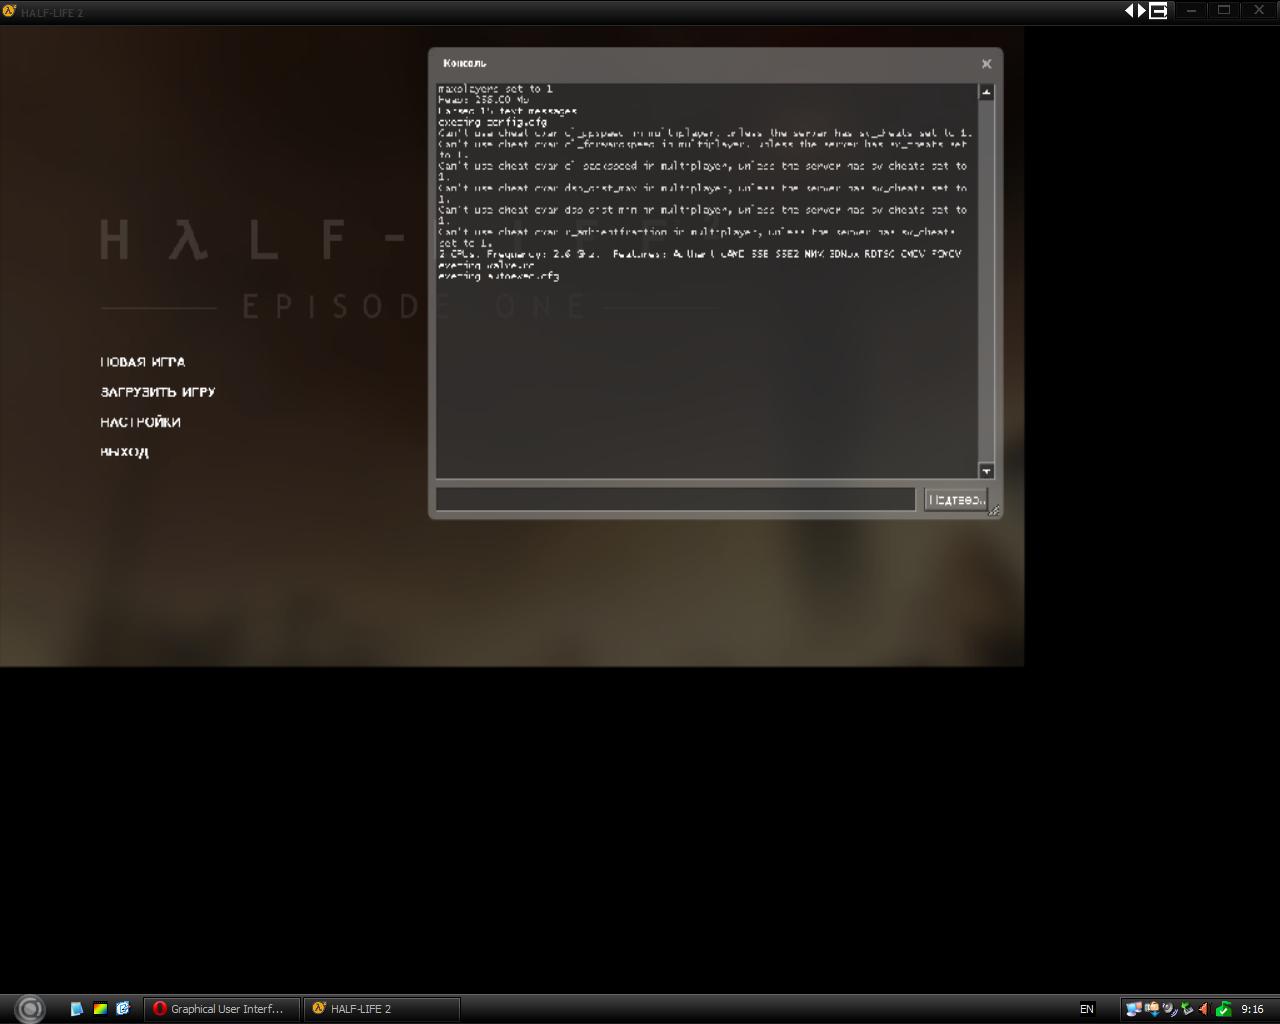 Развернуть на весь экран не получилось - Half-Life 2